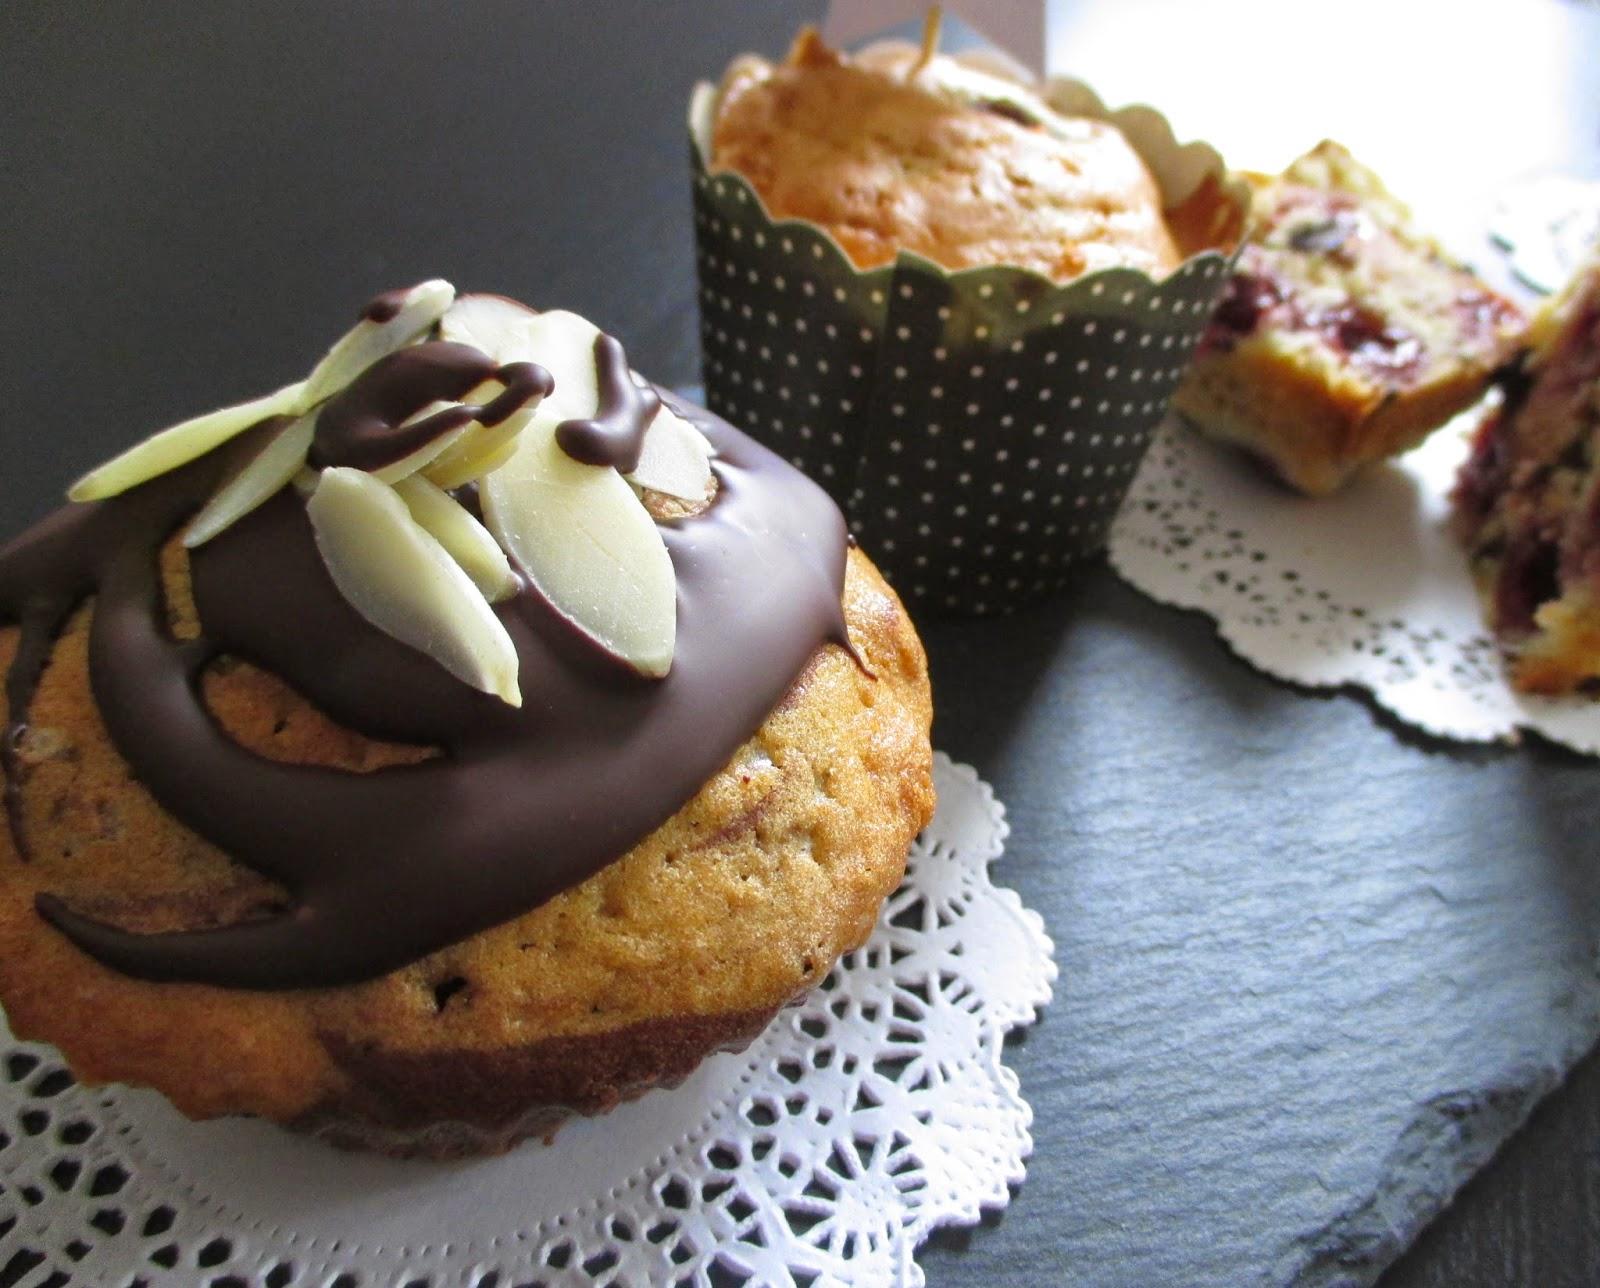 sehnsuchtssachen kirsch buttermilch muffins. Black Bedroom Furniture Sets. Home Design Ideas